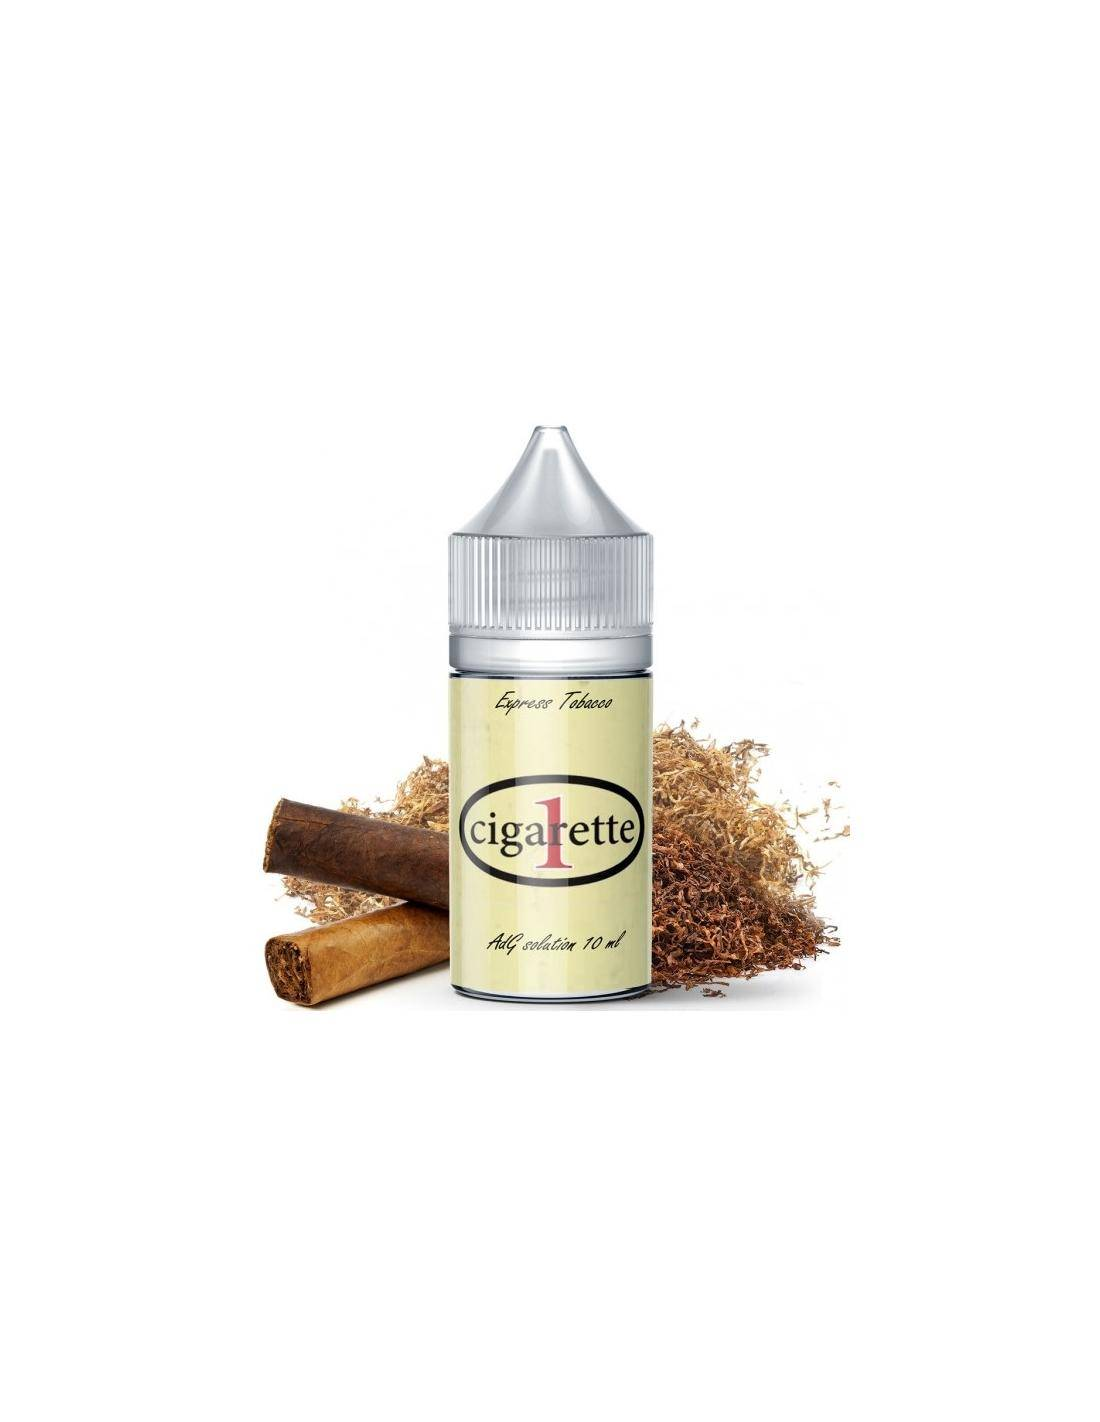 Angolo di Guancia Cigarette One Liquido Adg Natural Easy Aroma Organico 10 Ml Tabaccoso